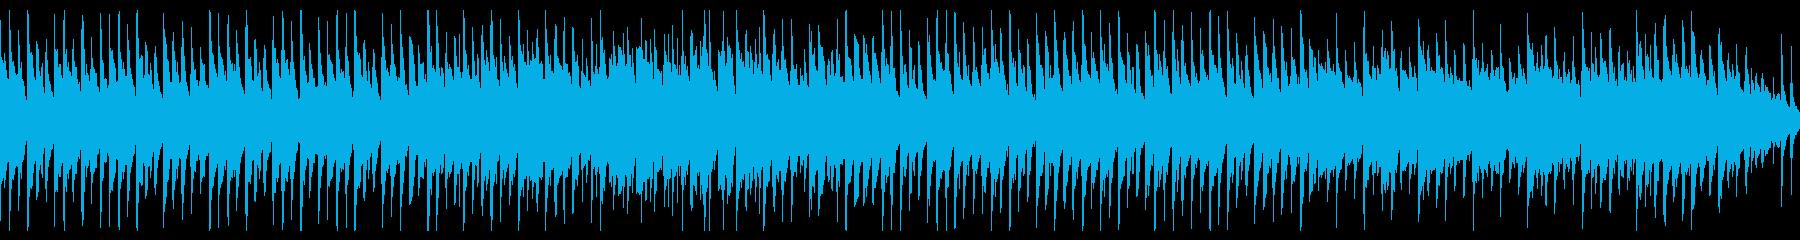 ループ/ワルツ/かわいい/賑やか/仕掛けの再生済みの波形